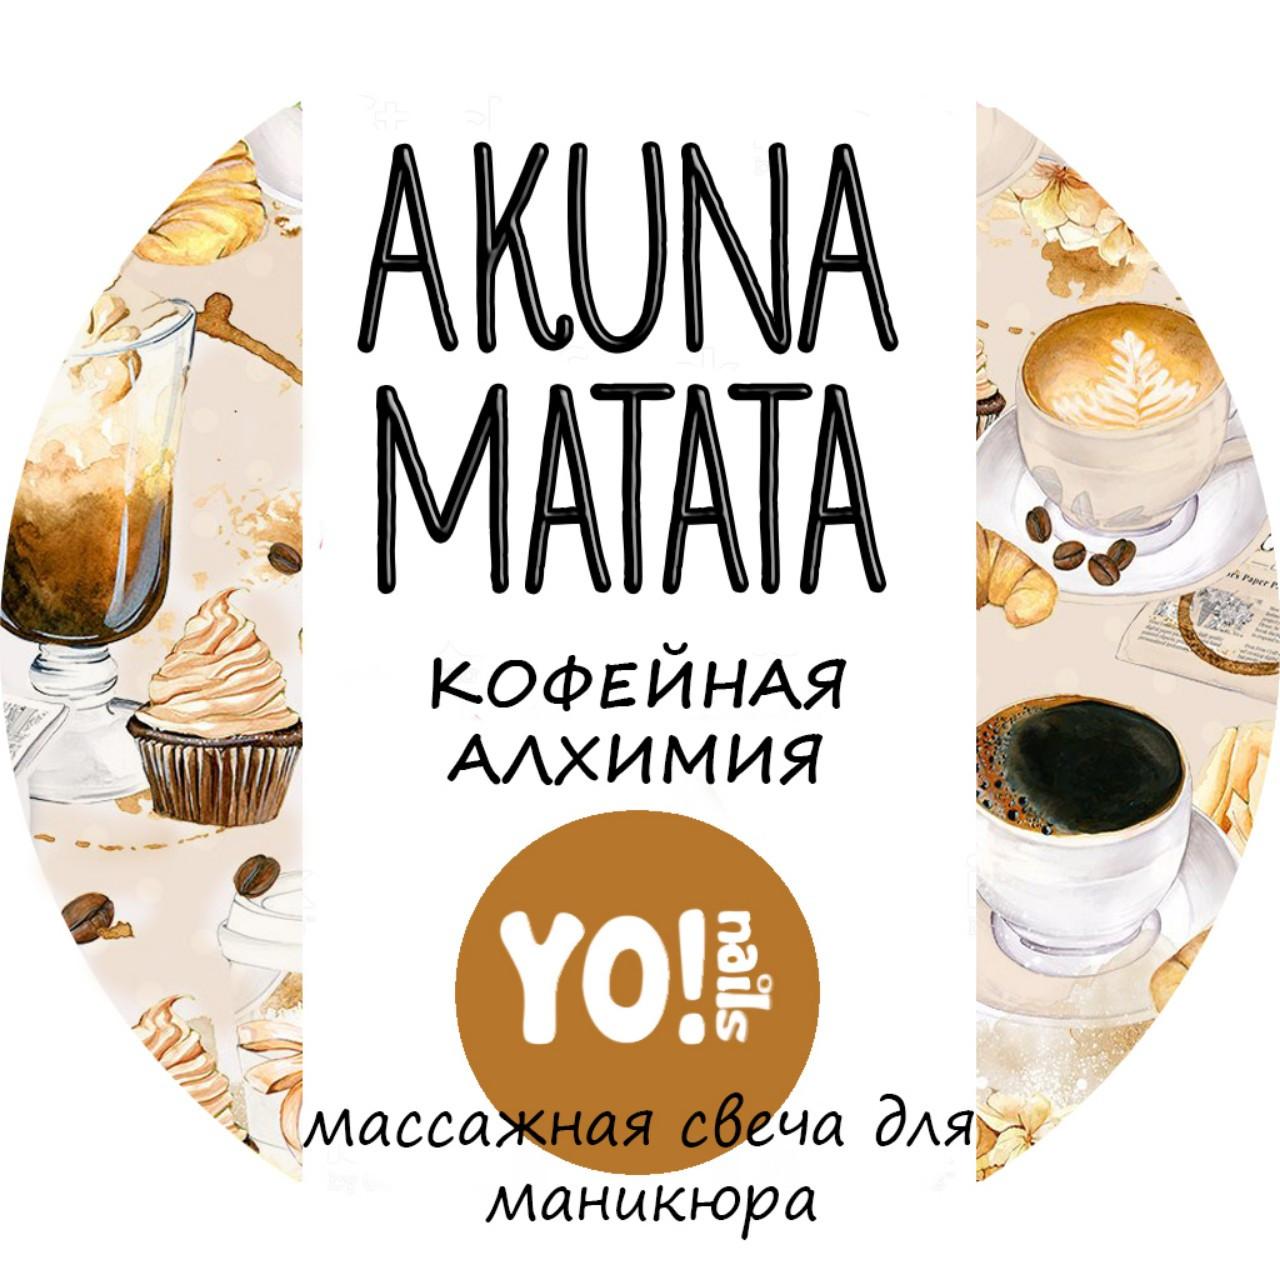 Массажная свеча для рук и тела AKUNA MATATA, Кофейная алхимия, 30мл